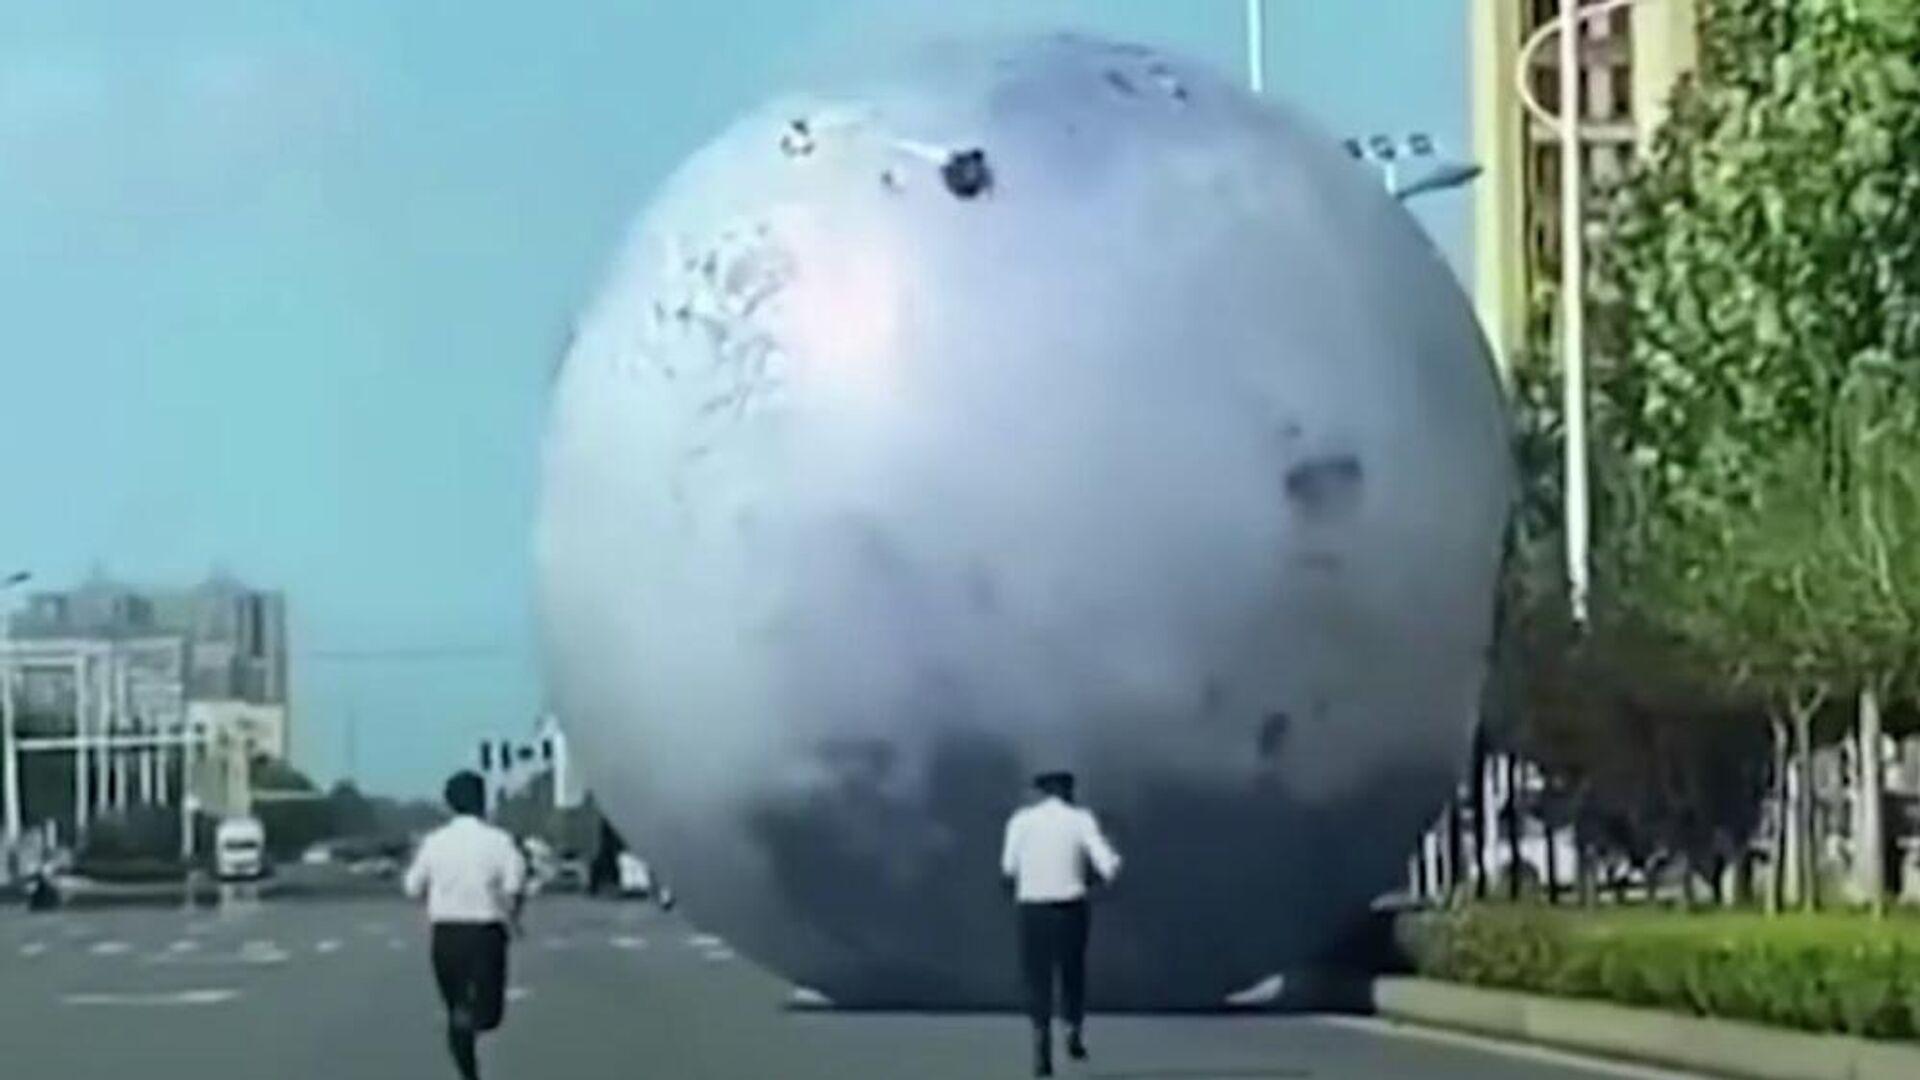 Άντρες κυνηγούν τεράστιο φουσκωτό φεγγάρι στην επαρχία Χενάν της Κίνας - Sputnik Ελλάδα, 1920, 25.09.2021